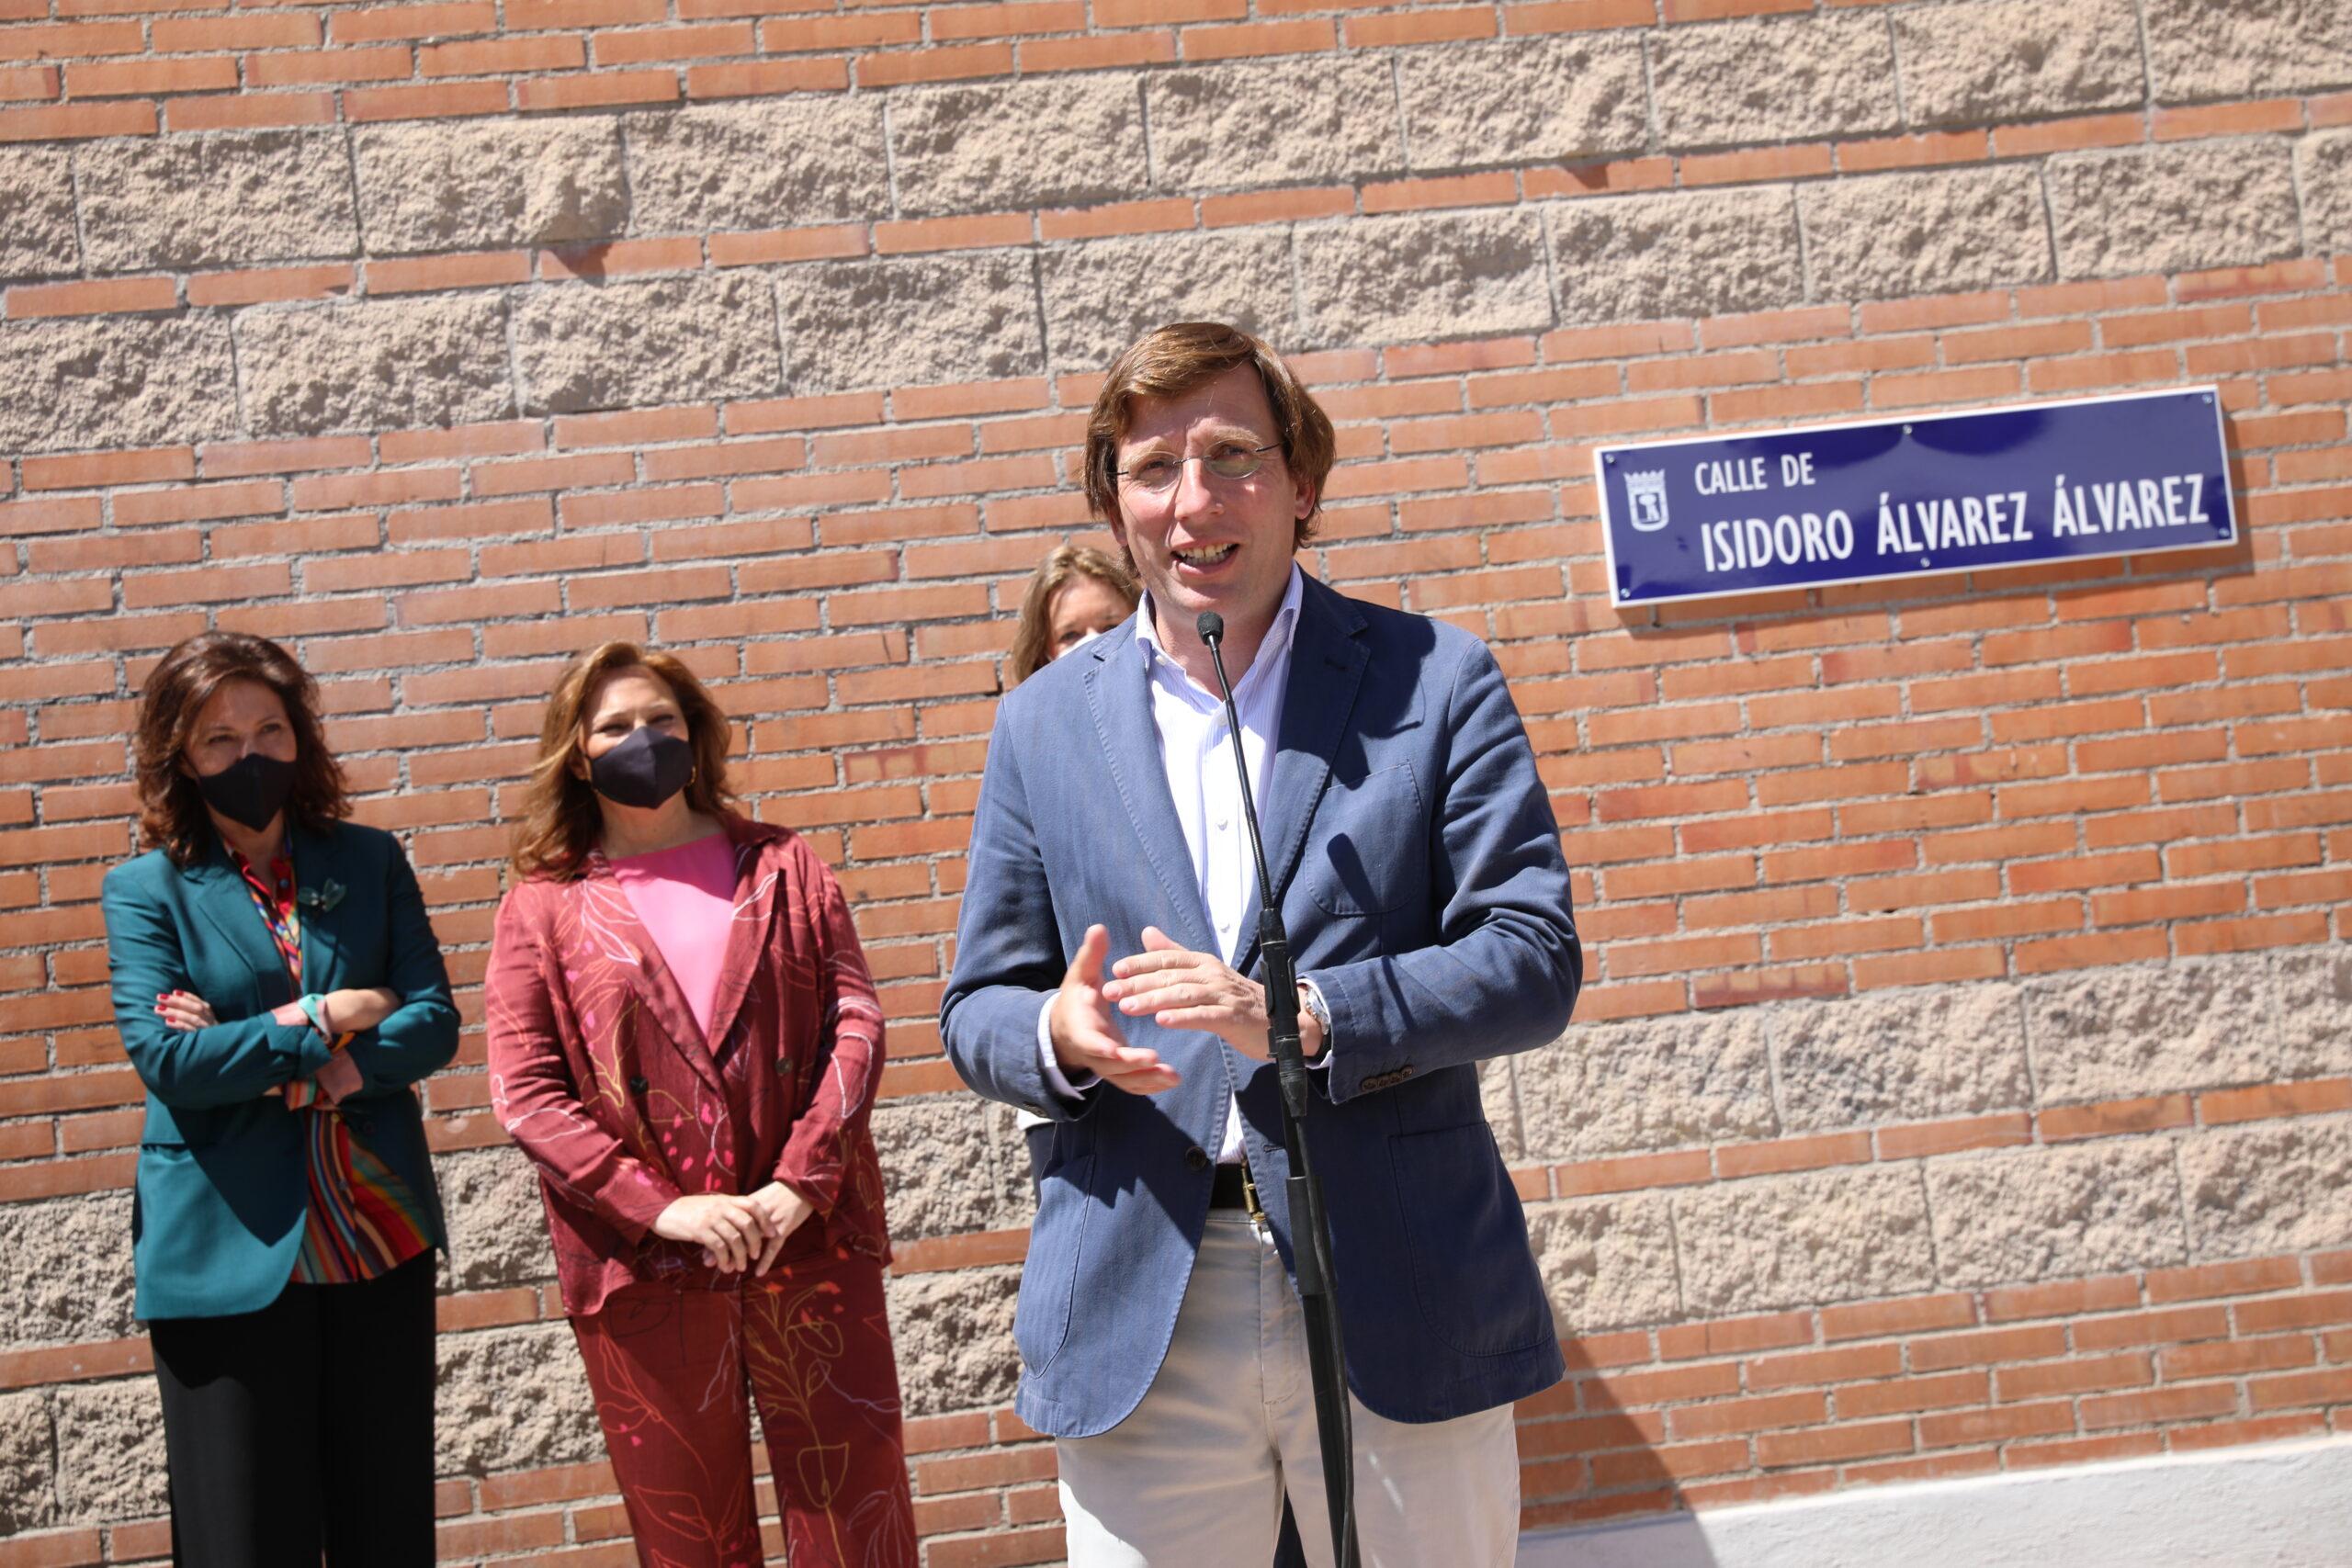 Inauguración de la calle Isidoro Álvarez